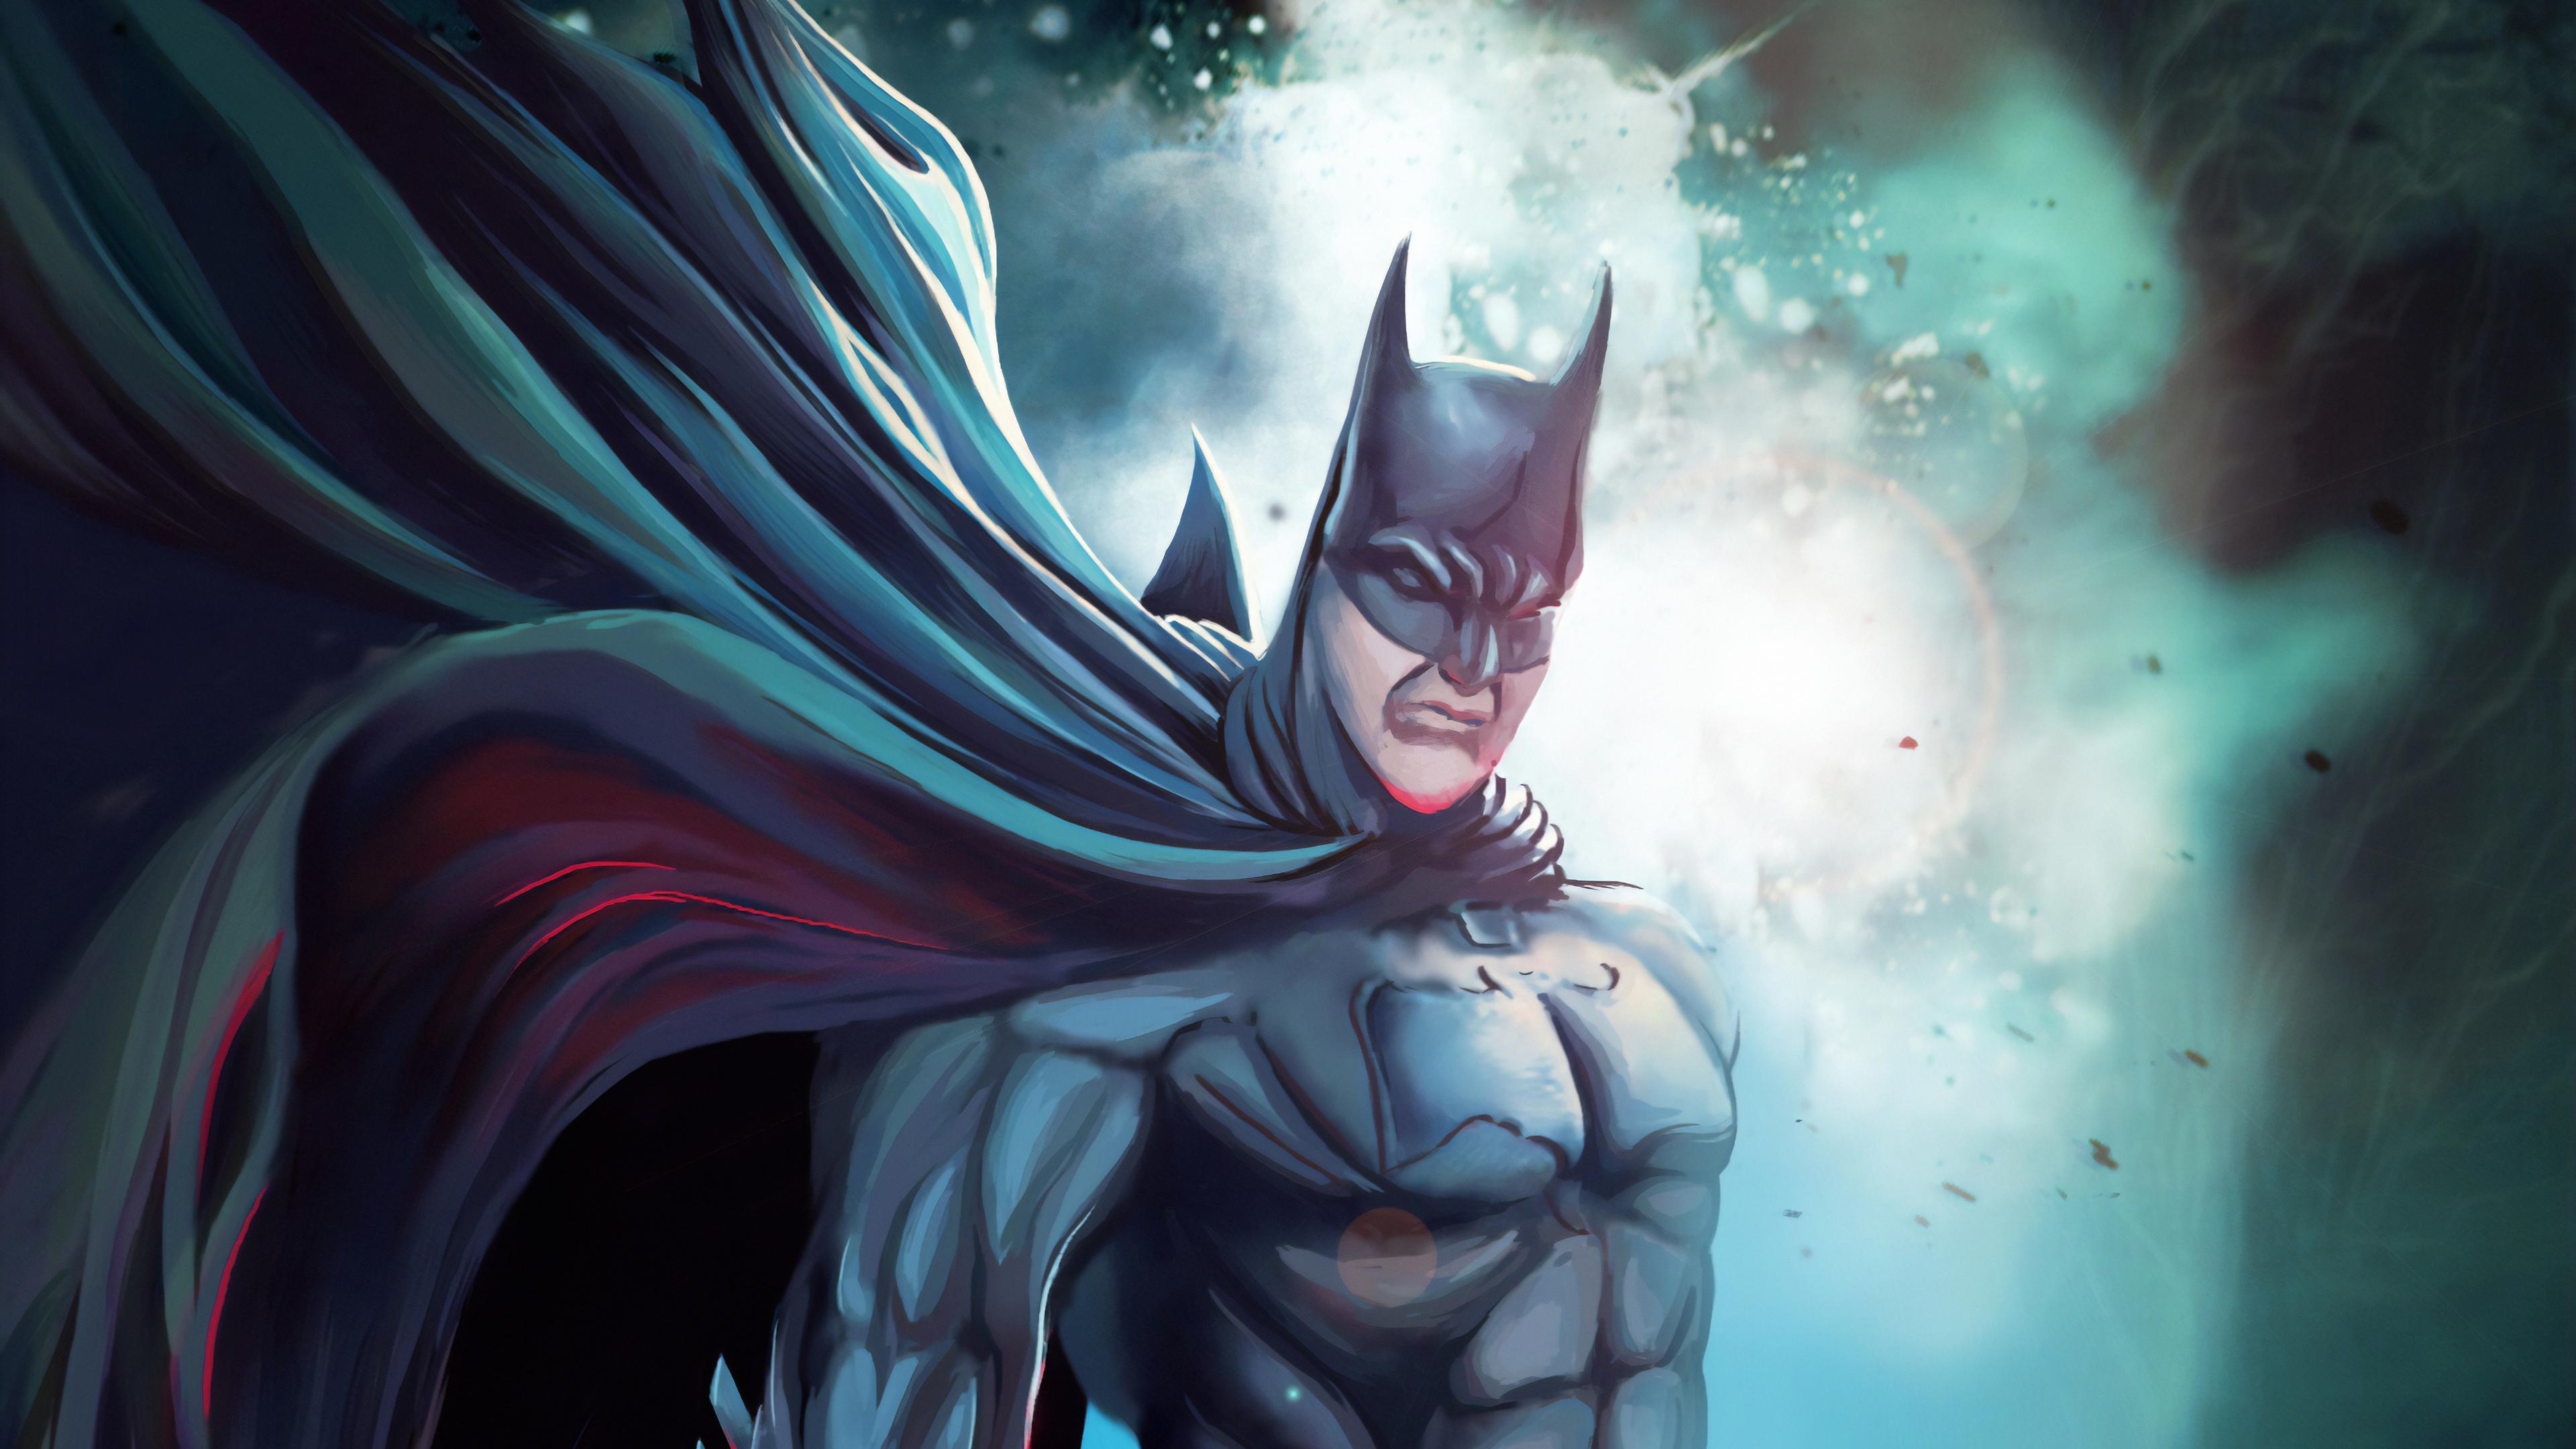 batman anger 1570918748 - Batman Anger - superheroes wallpapers, portrait wallpapers, hd-wallpapers, batman wallpapers, artwork wallpapers, 4k-wallpapers